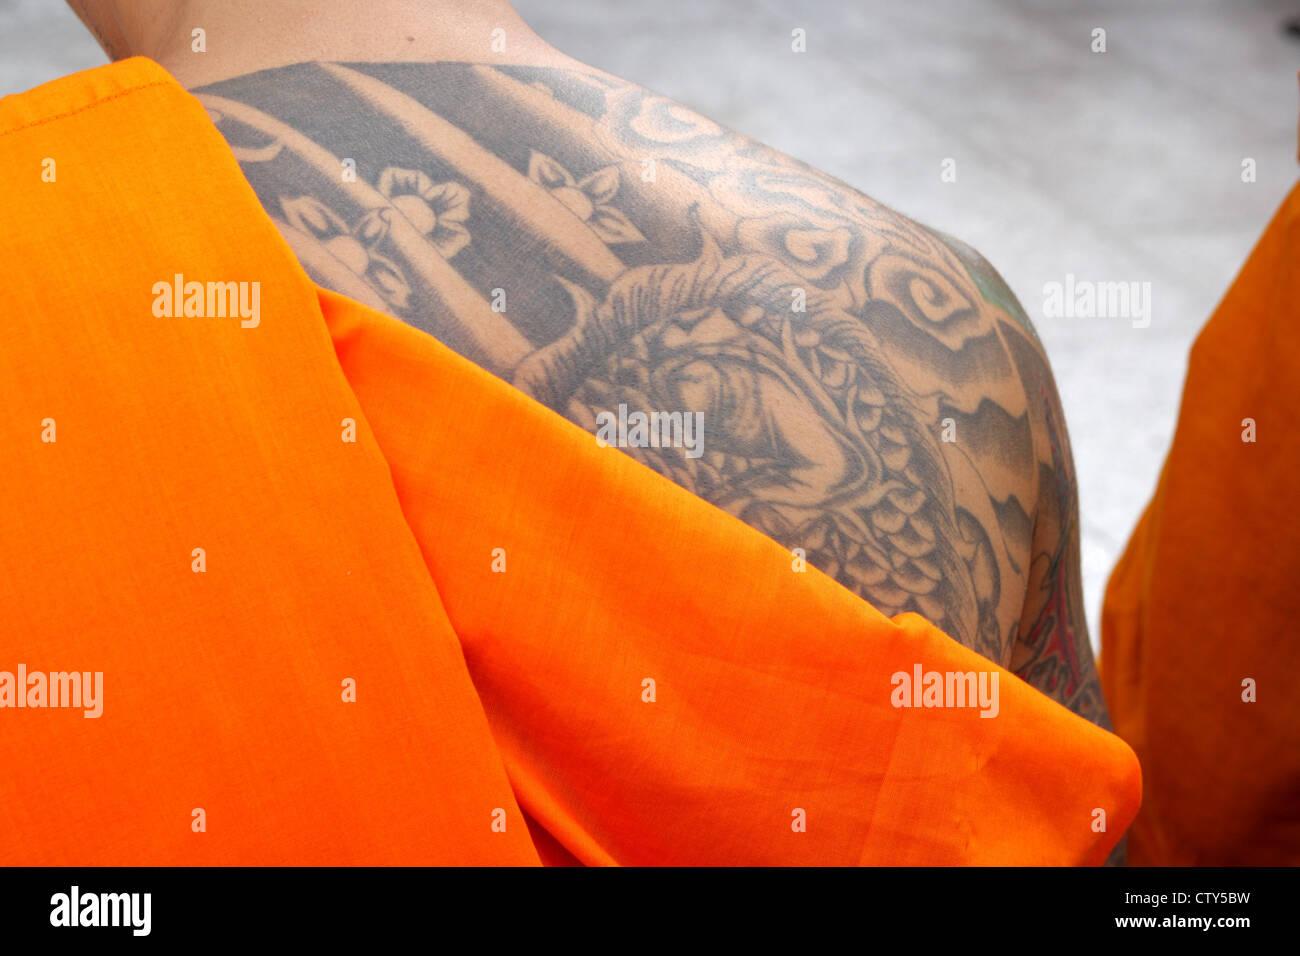 Ein Thai buddhistischer Mönch mit Tattoo am oberen Rücken Stockbild